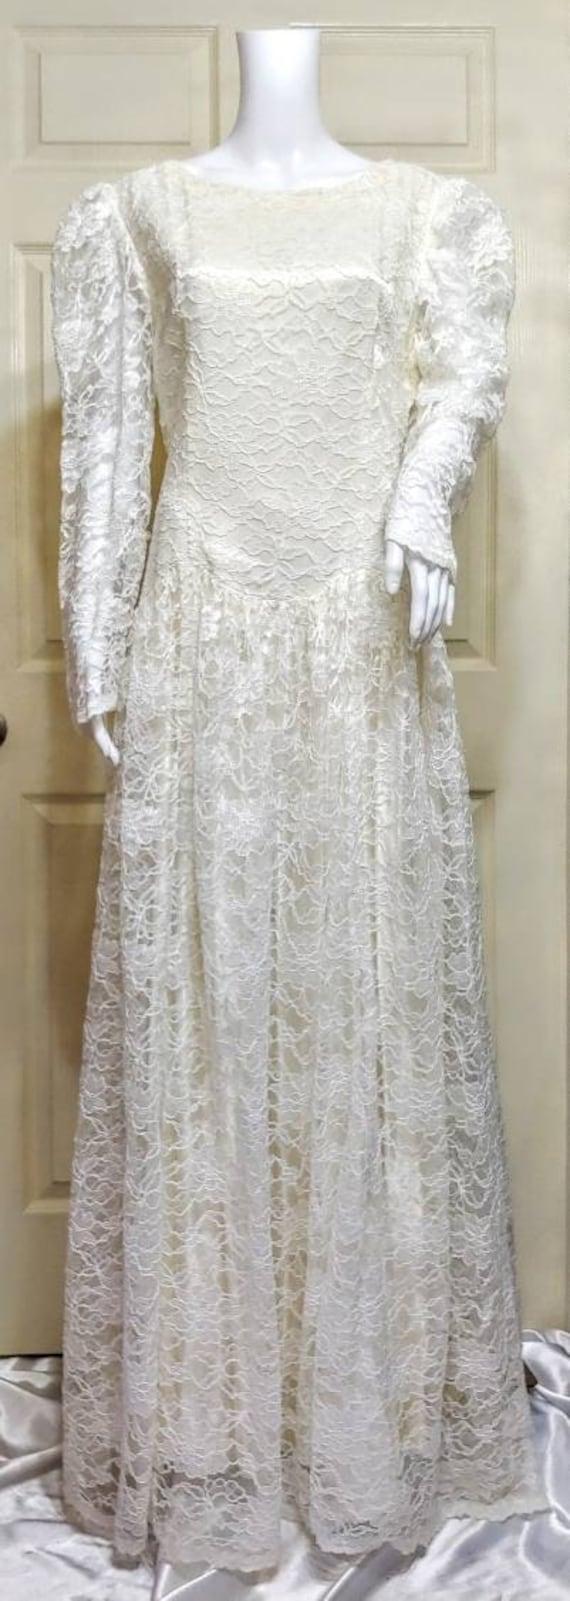 Vtg Lace Gown